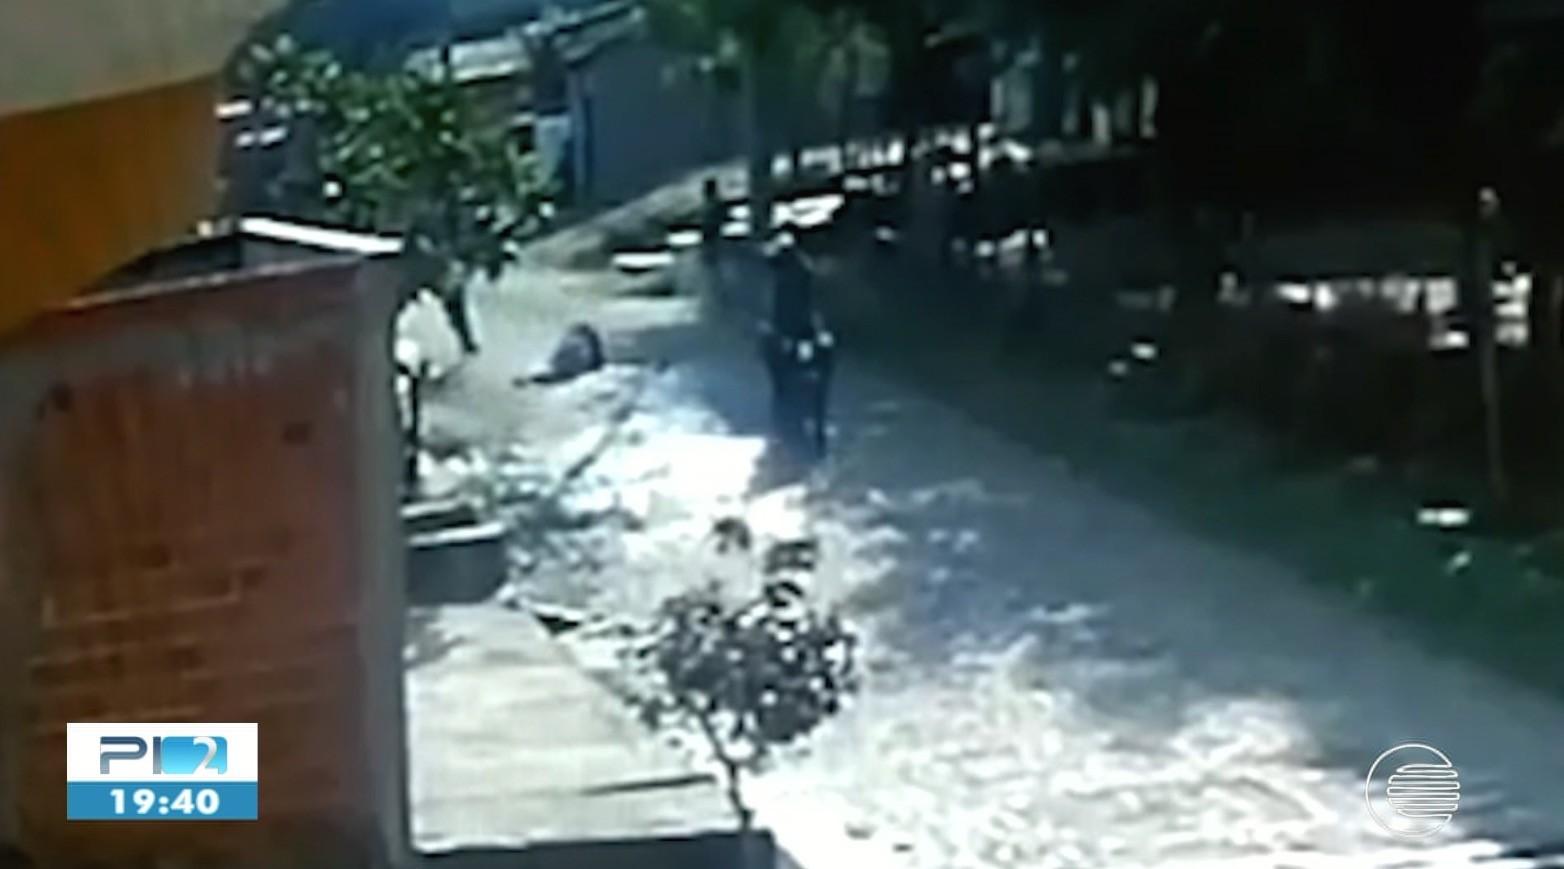 Vídeo mostra jovem caindo ao ser baleada durante tiroteio em Teresina; vítima foi atingida na região lombar